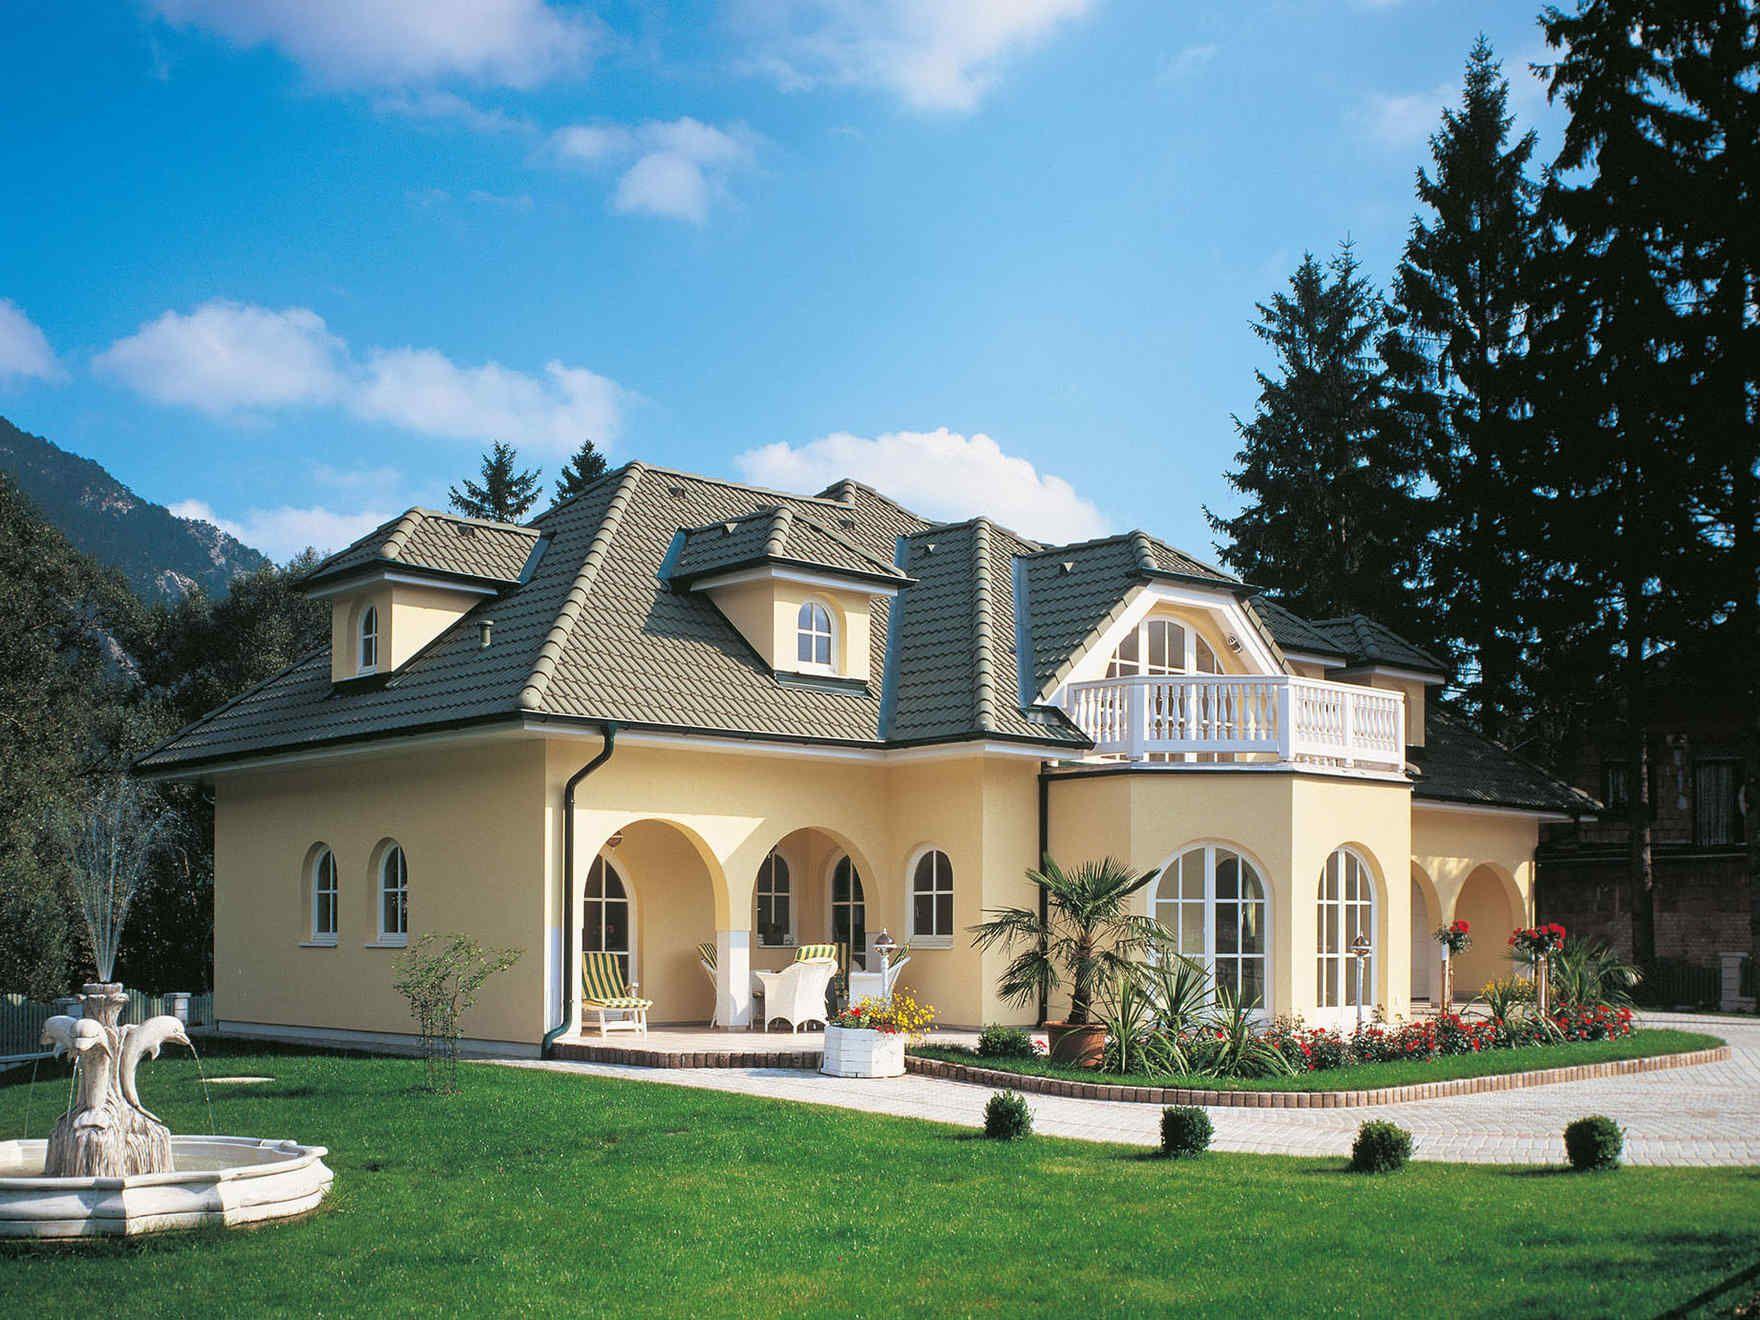 Das Fertighaus VARIO HAUS Exclusive 261 ist nach einer klassisch harmonischen Architektur konzipiert Ein Fertigteilhaus gebaut als Niedrigenergiehaus